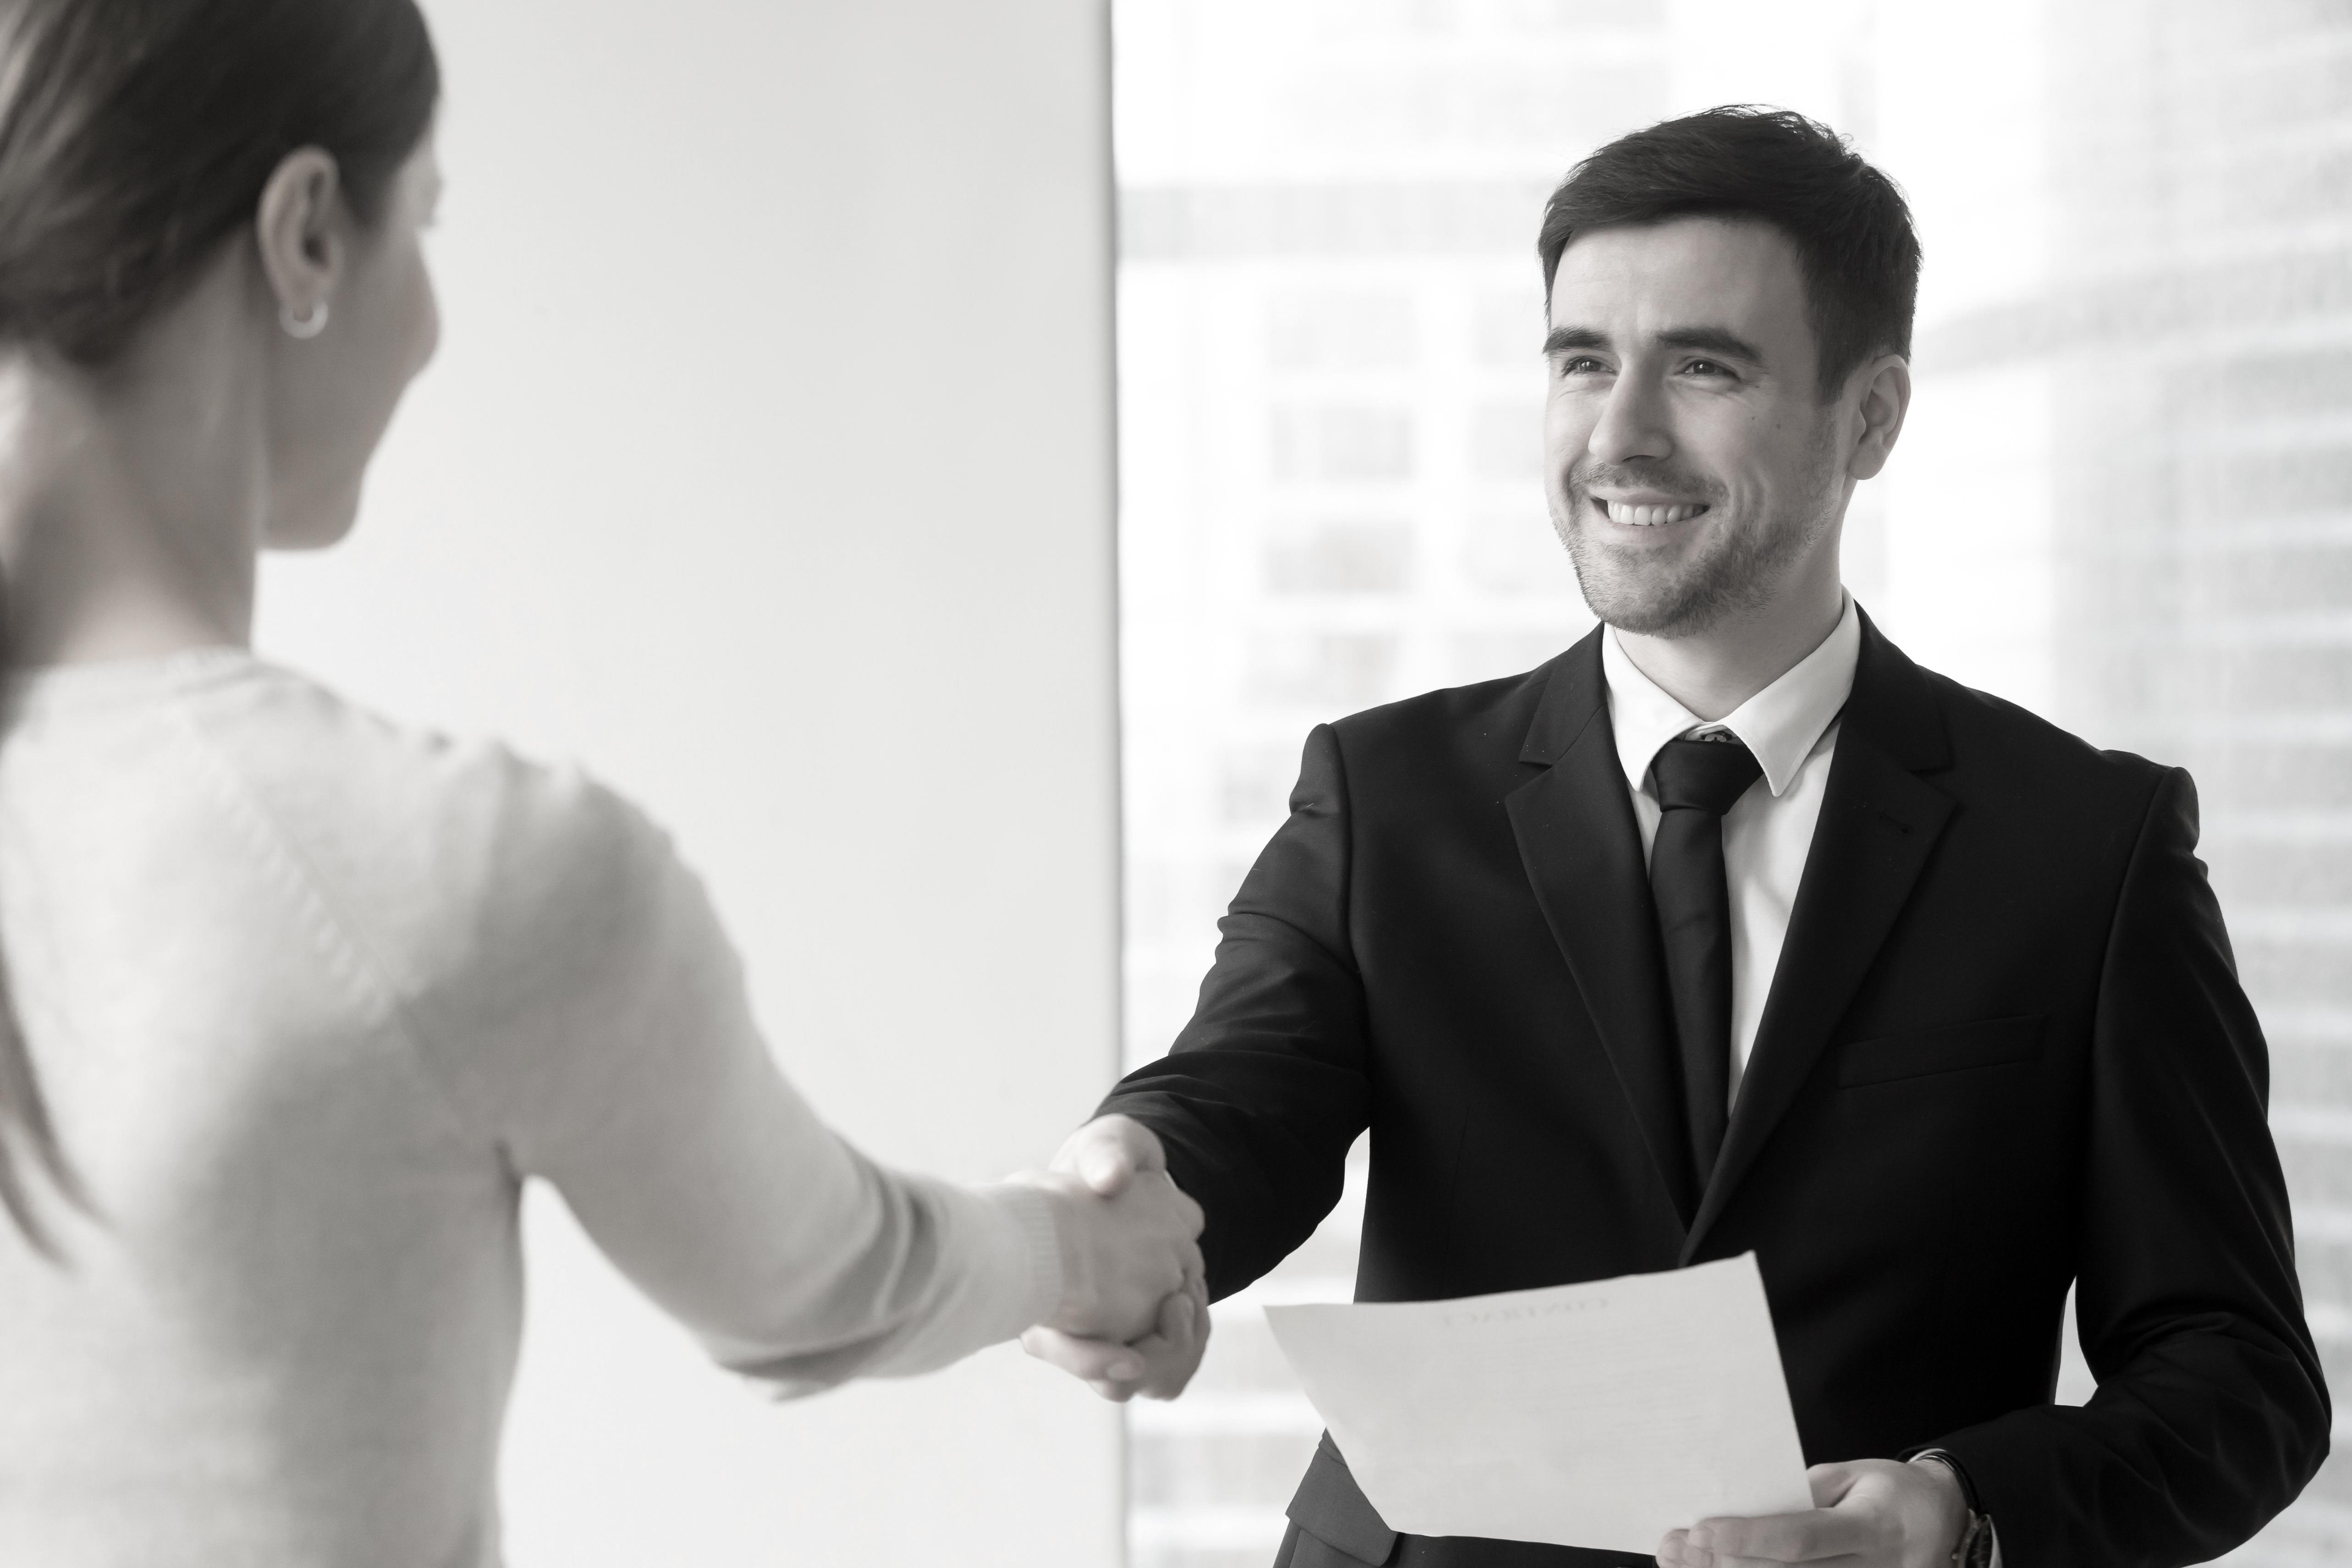 Consulente del Lavoro: Come organizzare riunioni produttive con i clienti 25/09/2020